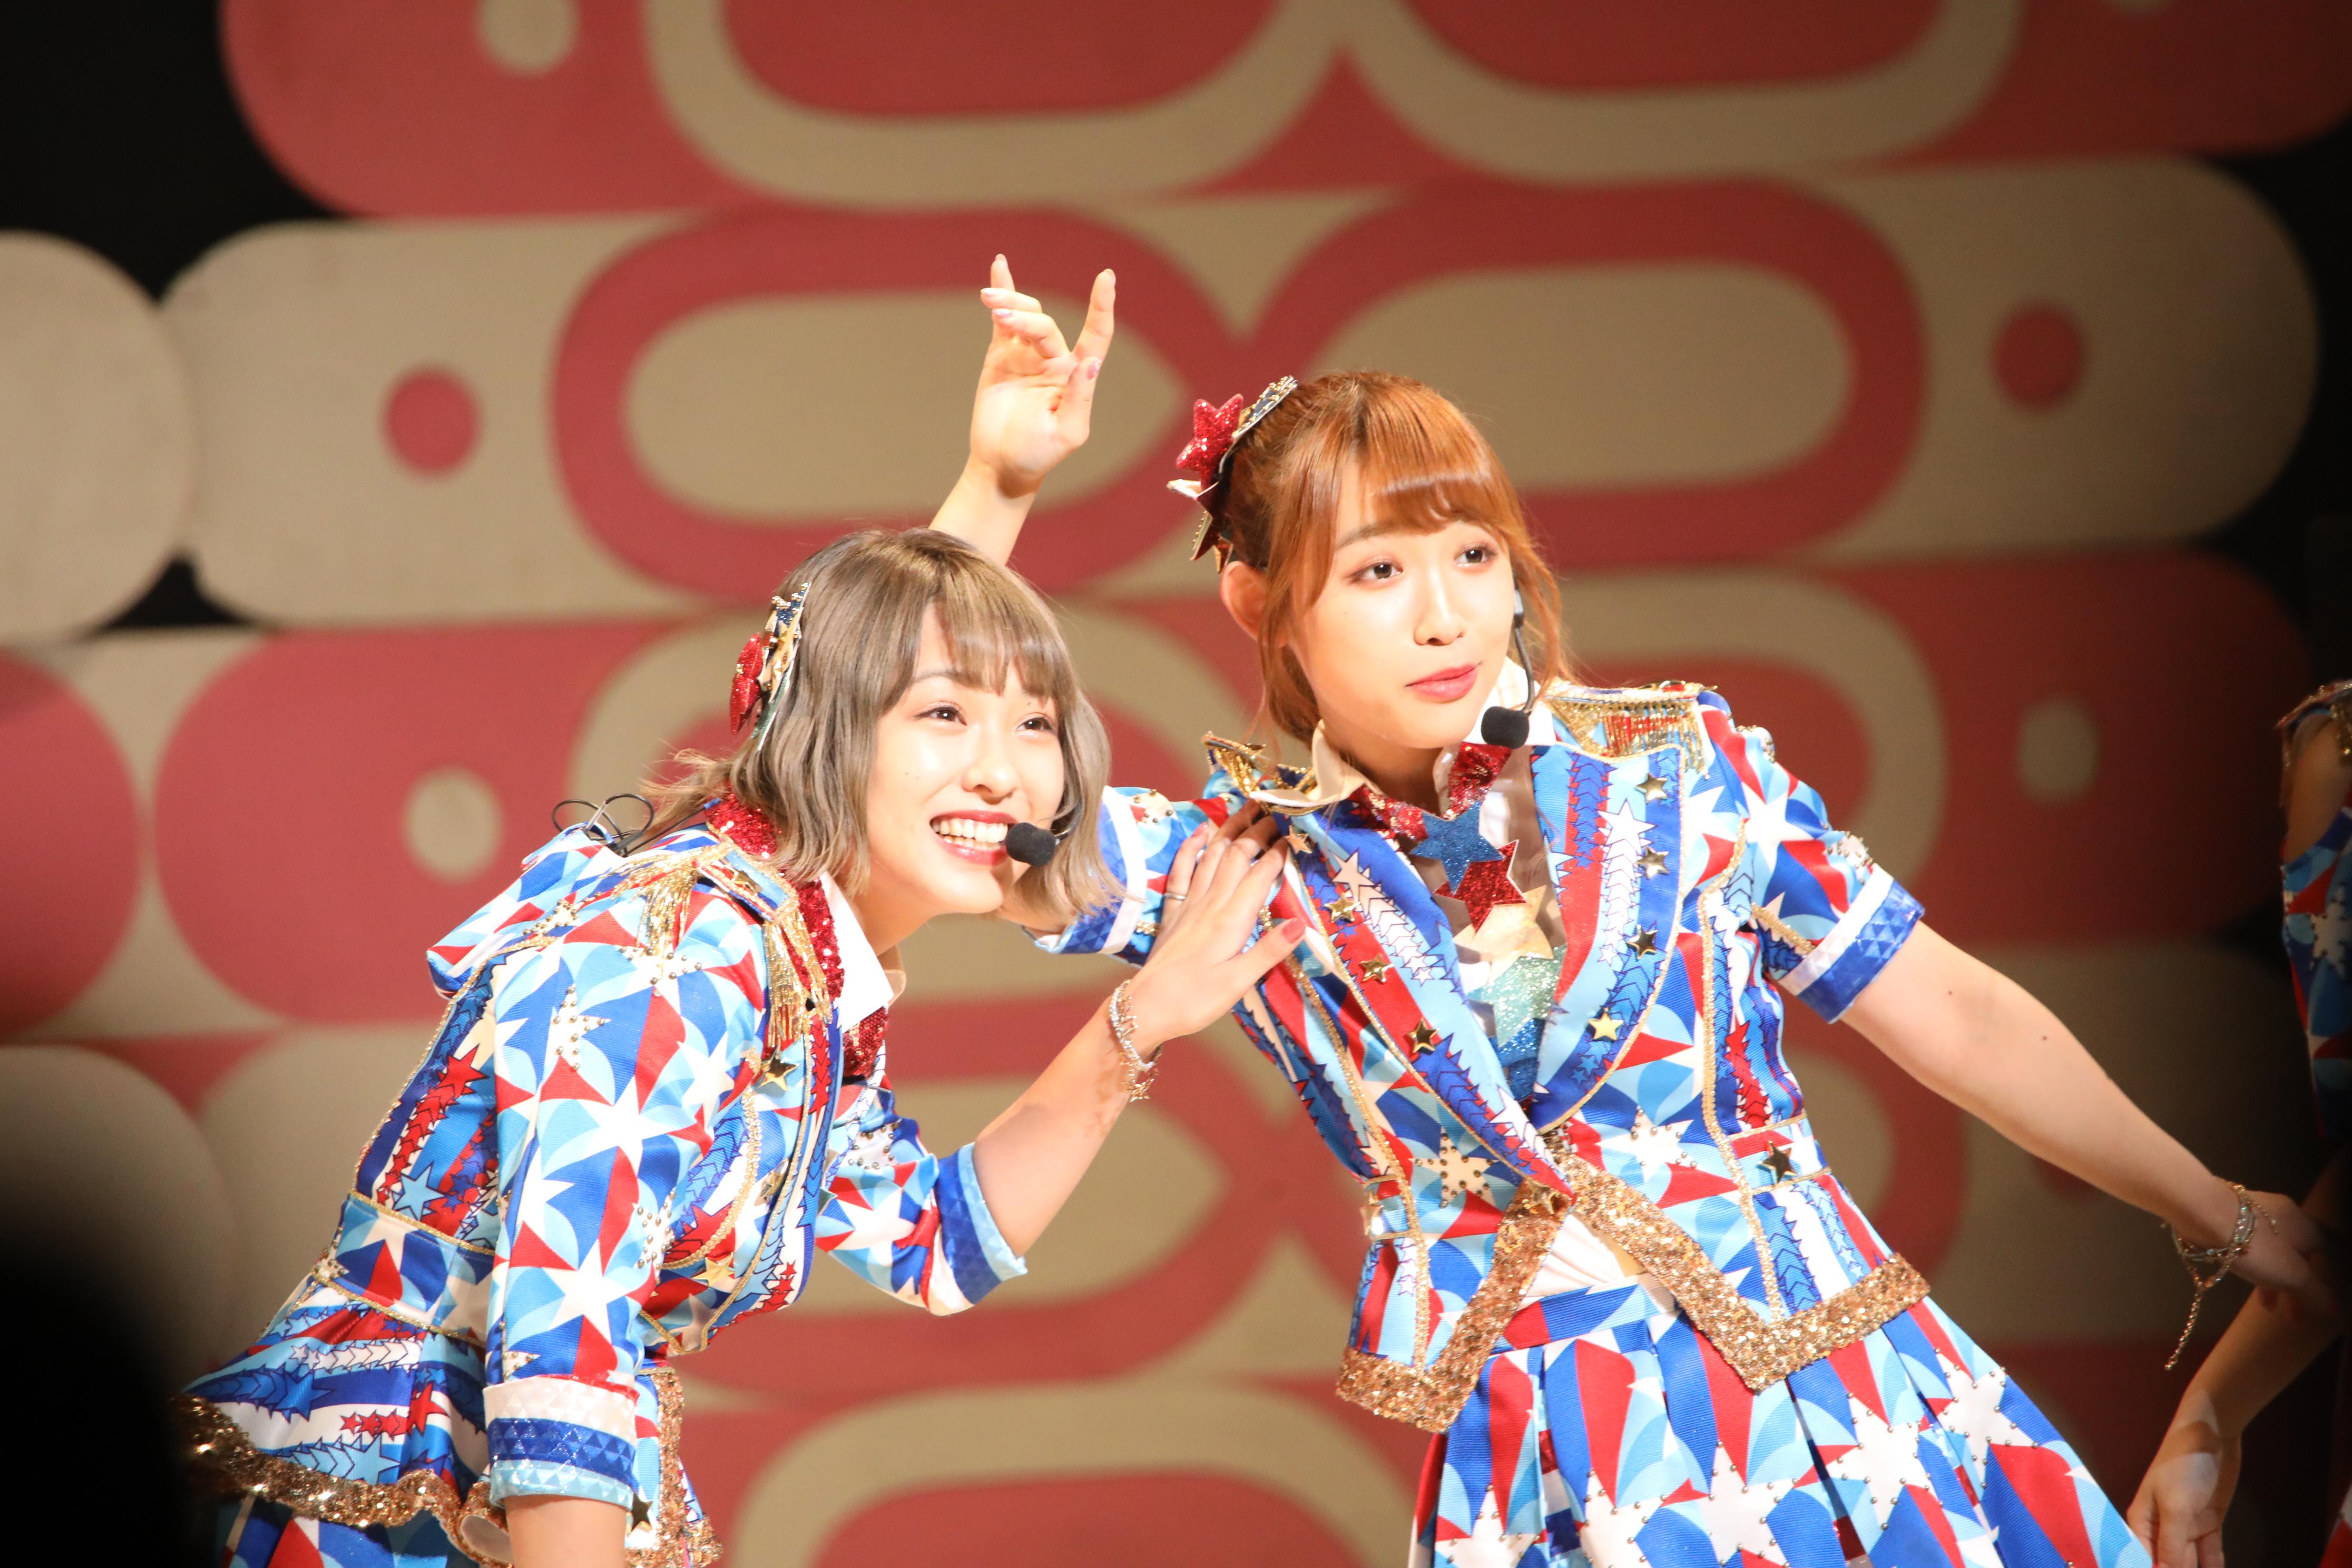 山田菜々美と山本瑠香「それしかないんかい!」と突っ込み